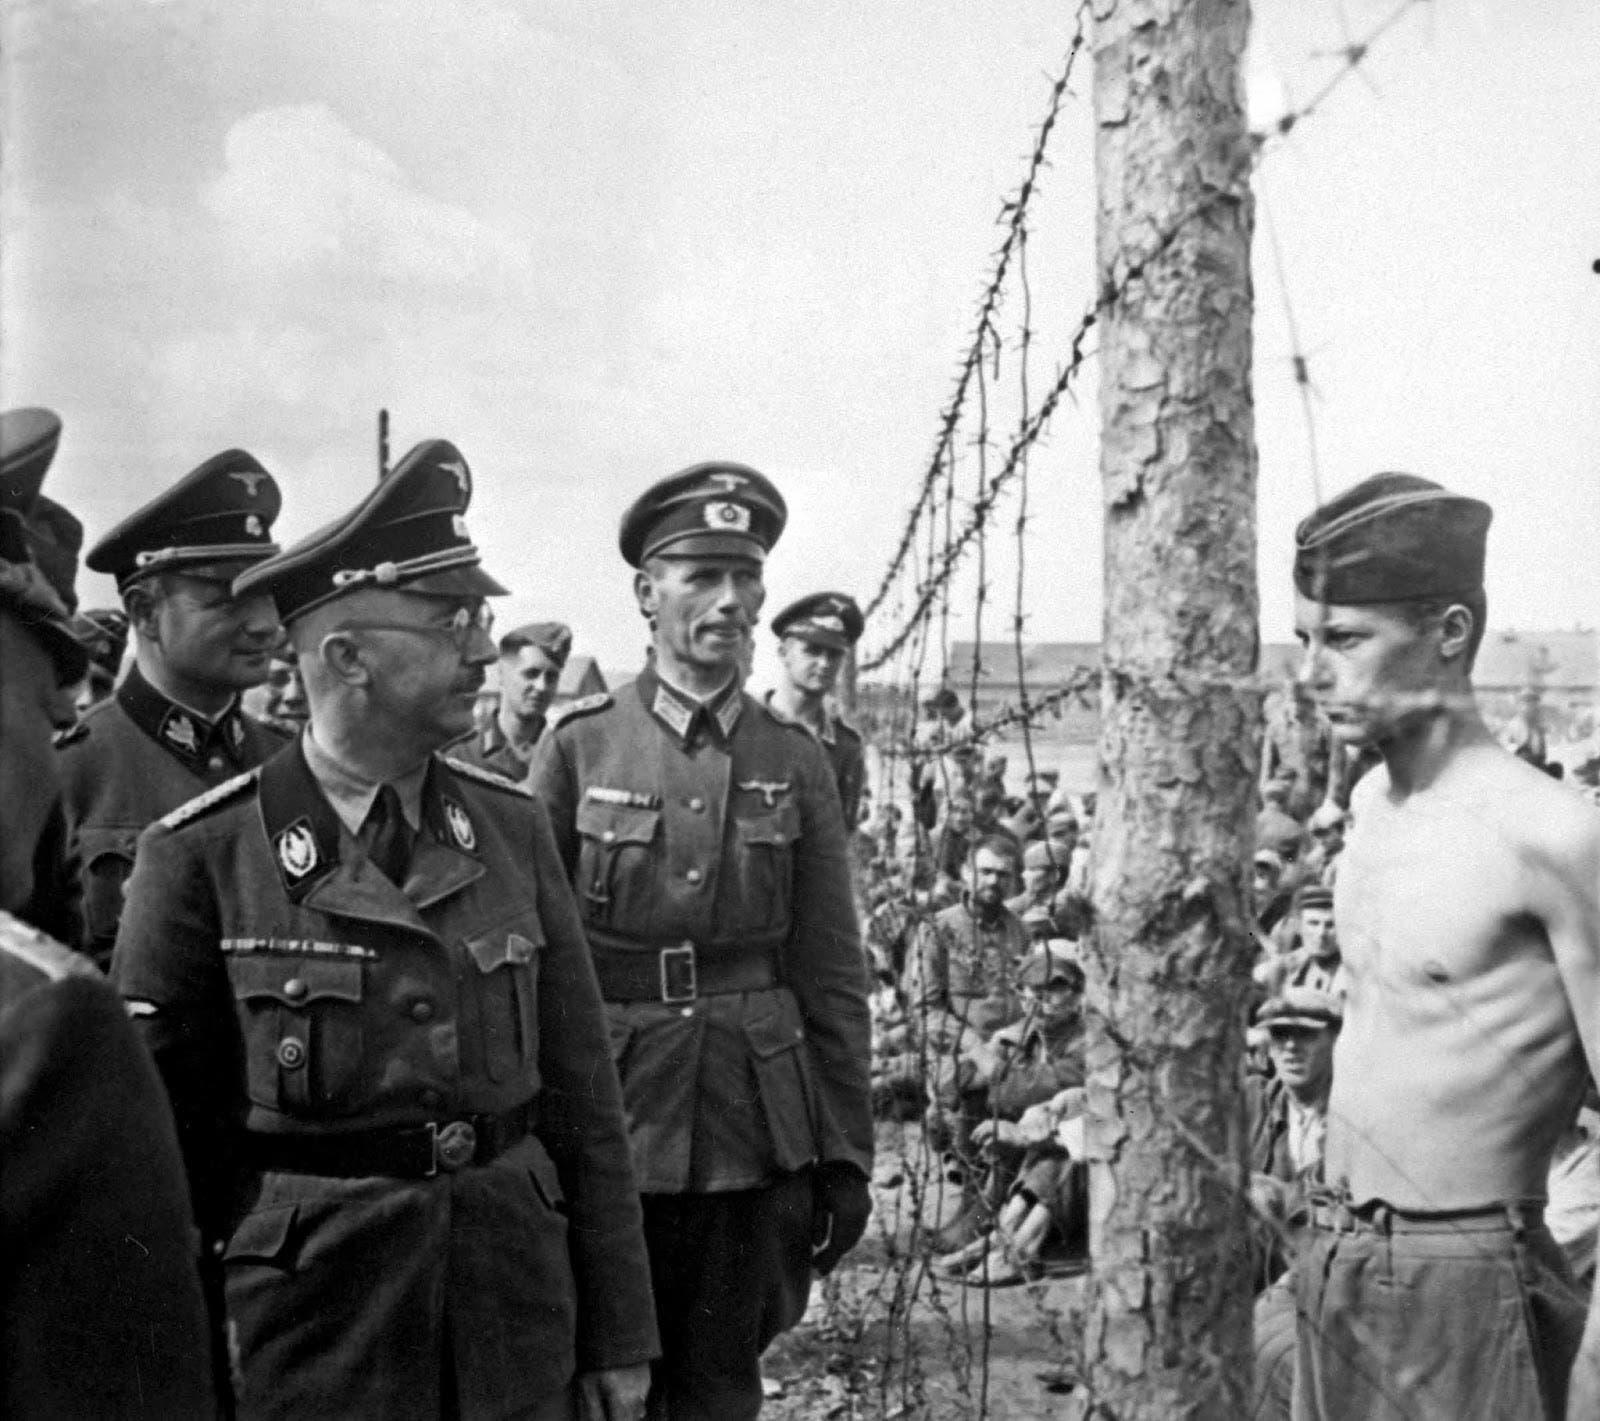 صورة لقائد فرق الأس أس هنريش هملر وهو يتفقد عددا من الأسرى السوفيت المصابين بسوء التغذية